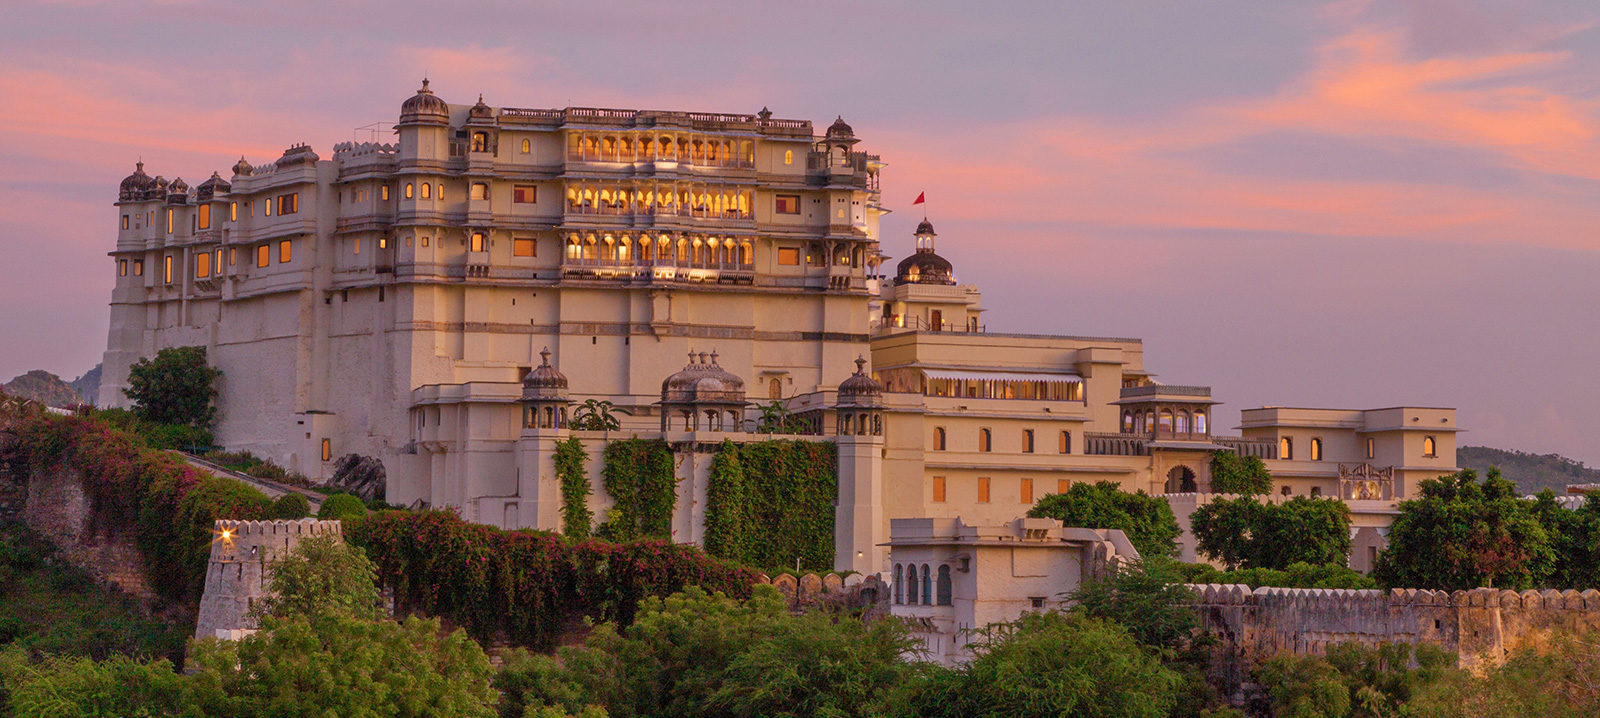 RAAS Devigargh Hotel, Udaipur. Image Credit: RAAS Devigargh